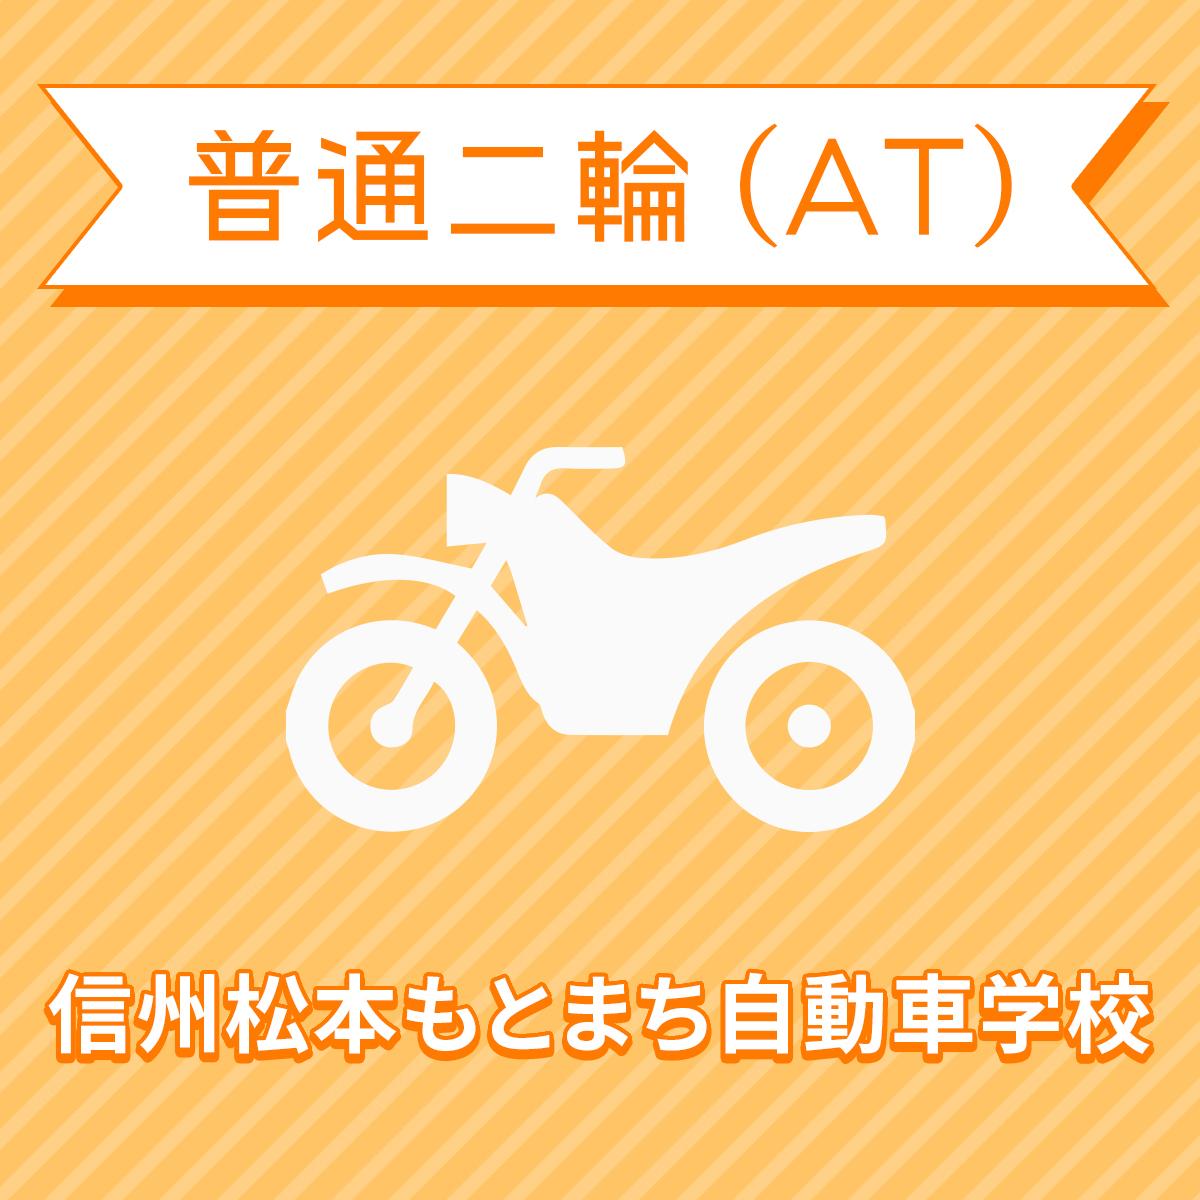 【長野県松本市】普通二輪ATコース<免許なし/原付免許所持対象>